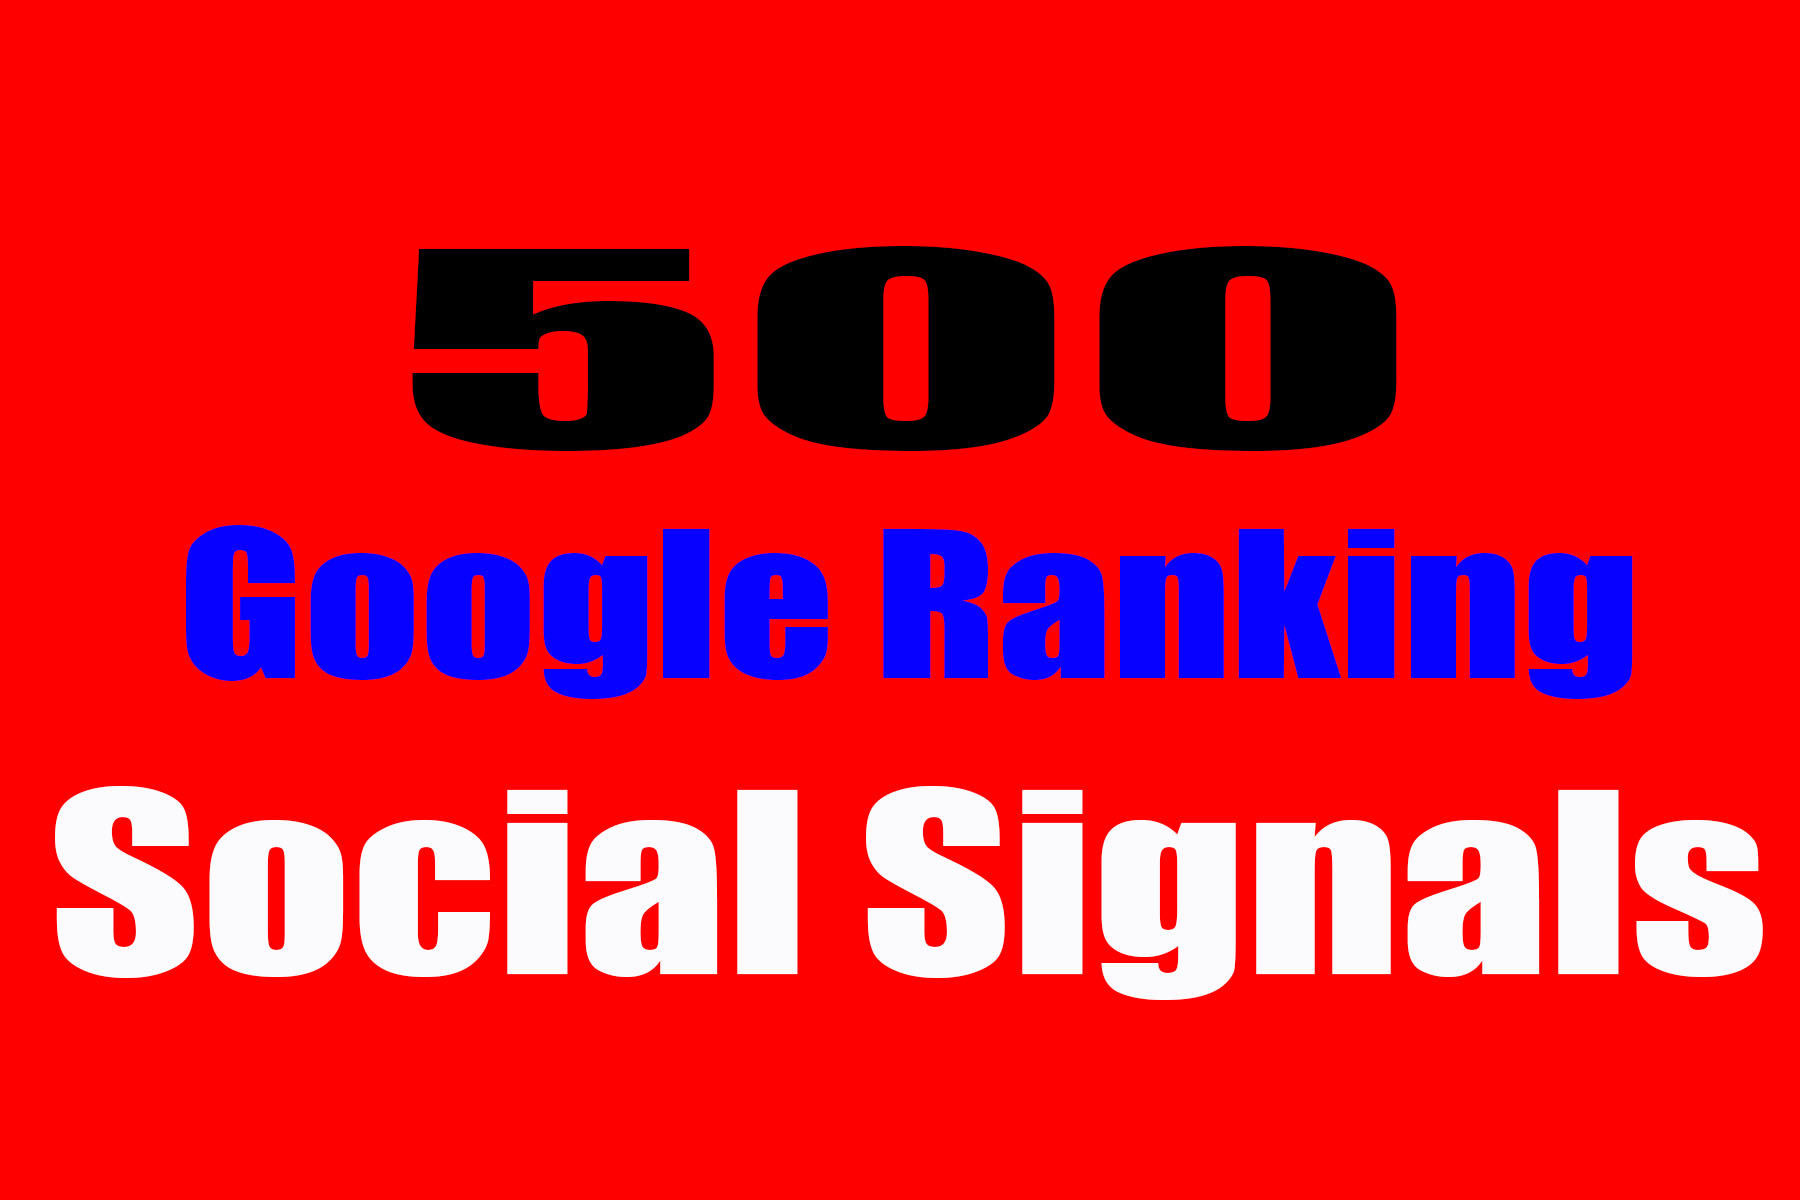 Google Ranking webstie seo backlinks 500 social signals